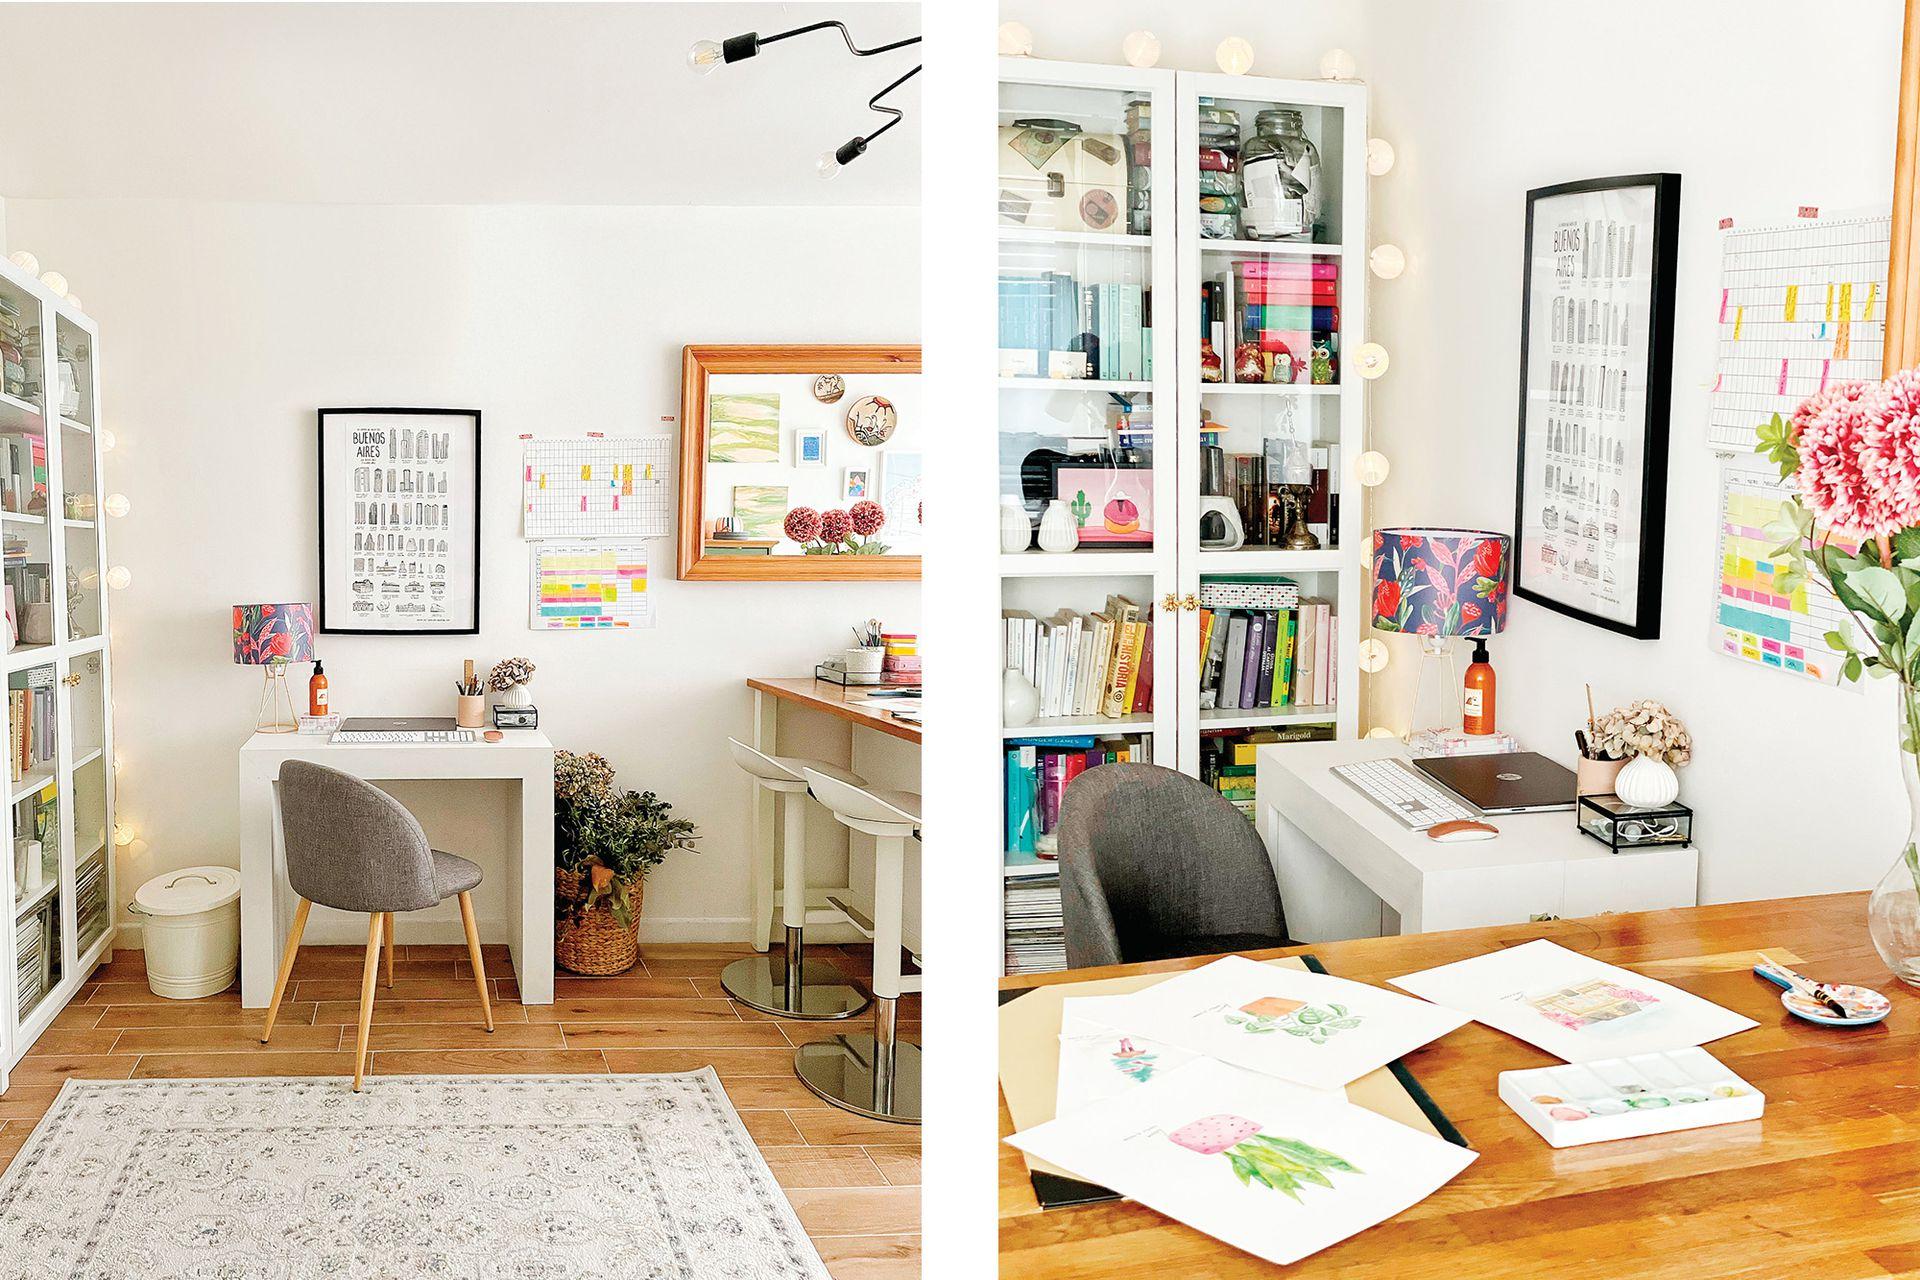 Un escritorio bajo, una mesa alta. Ninguno ocupa demasiado espacio, pero le da ritmo al ambiente y permite un bienvenido cambio de posición ante tareas distintas.